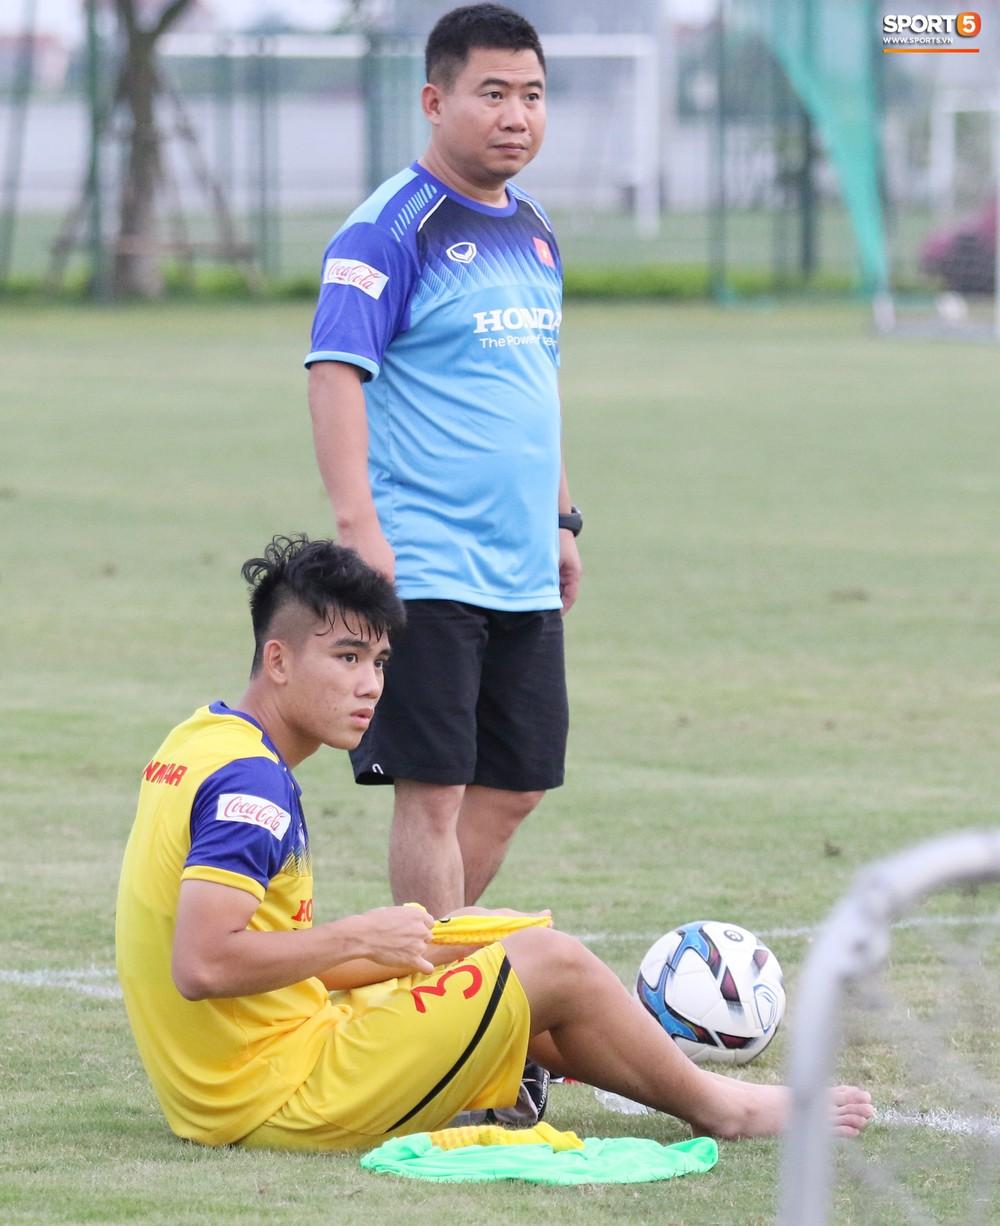 Trung vệ điển trai Huỳnh Tấn Sinh thể hiện tố chất thủ lĩnh trong buổi tập đầu tiên của U22 Việt Nam - Ảnh 7.